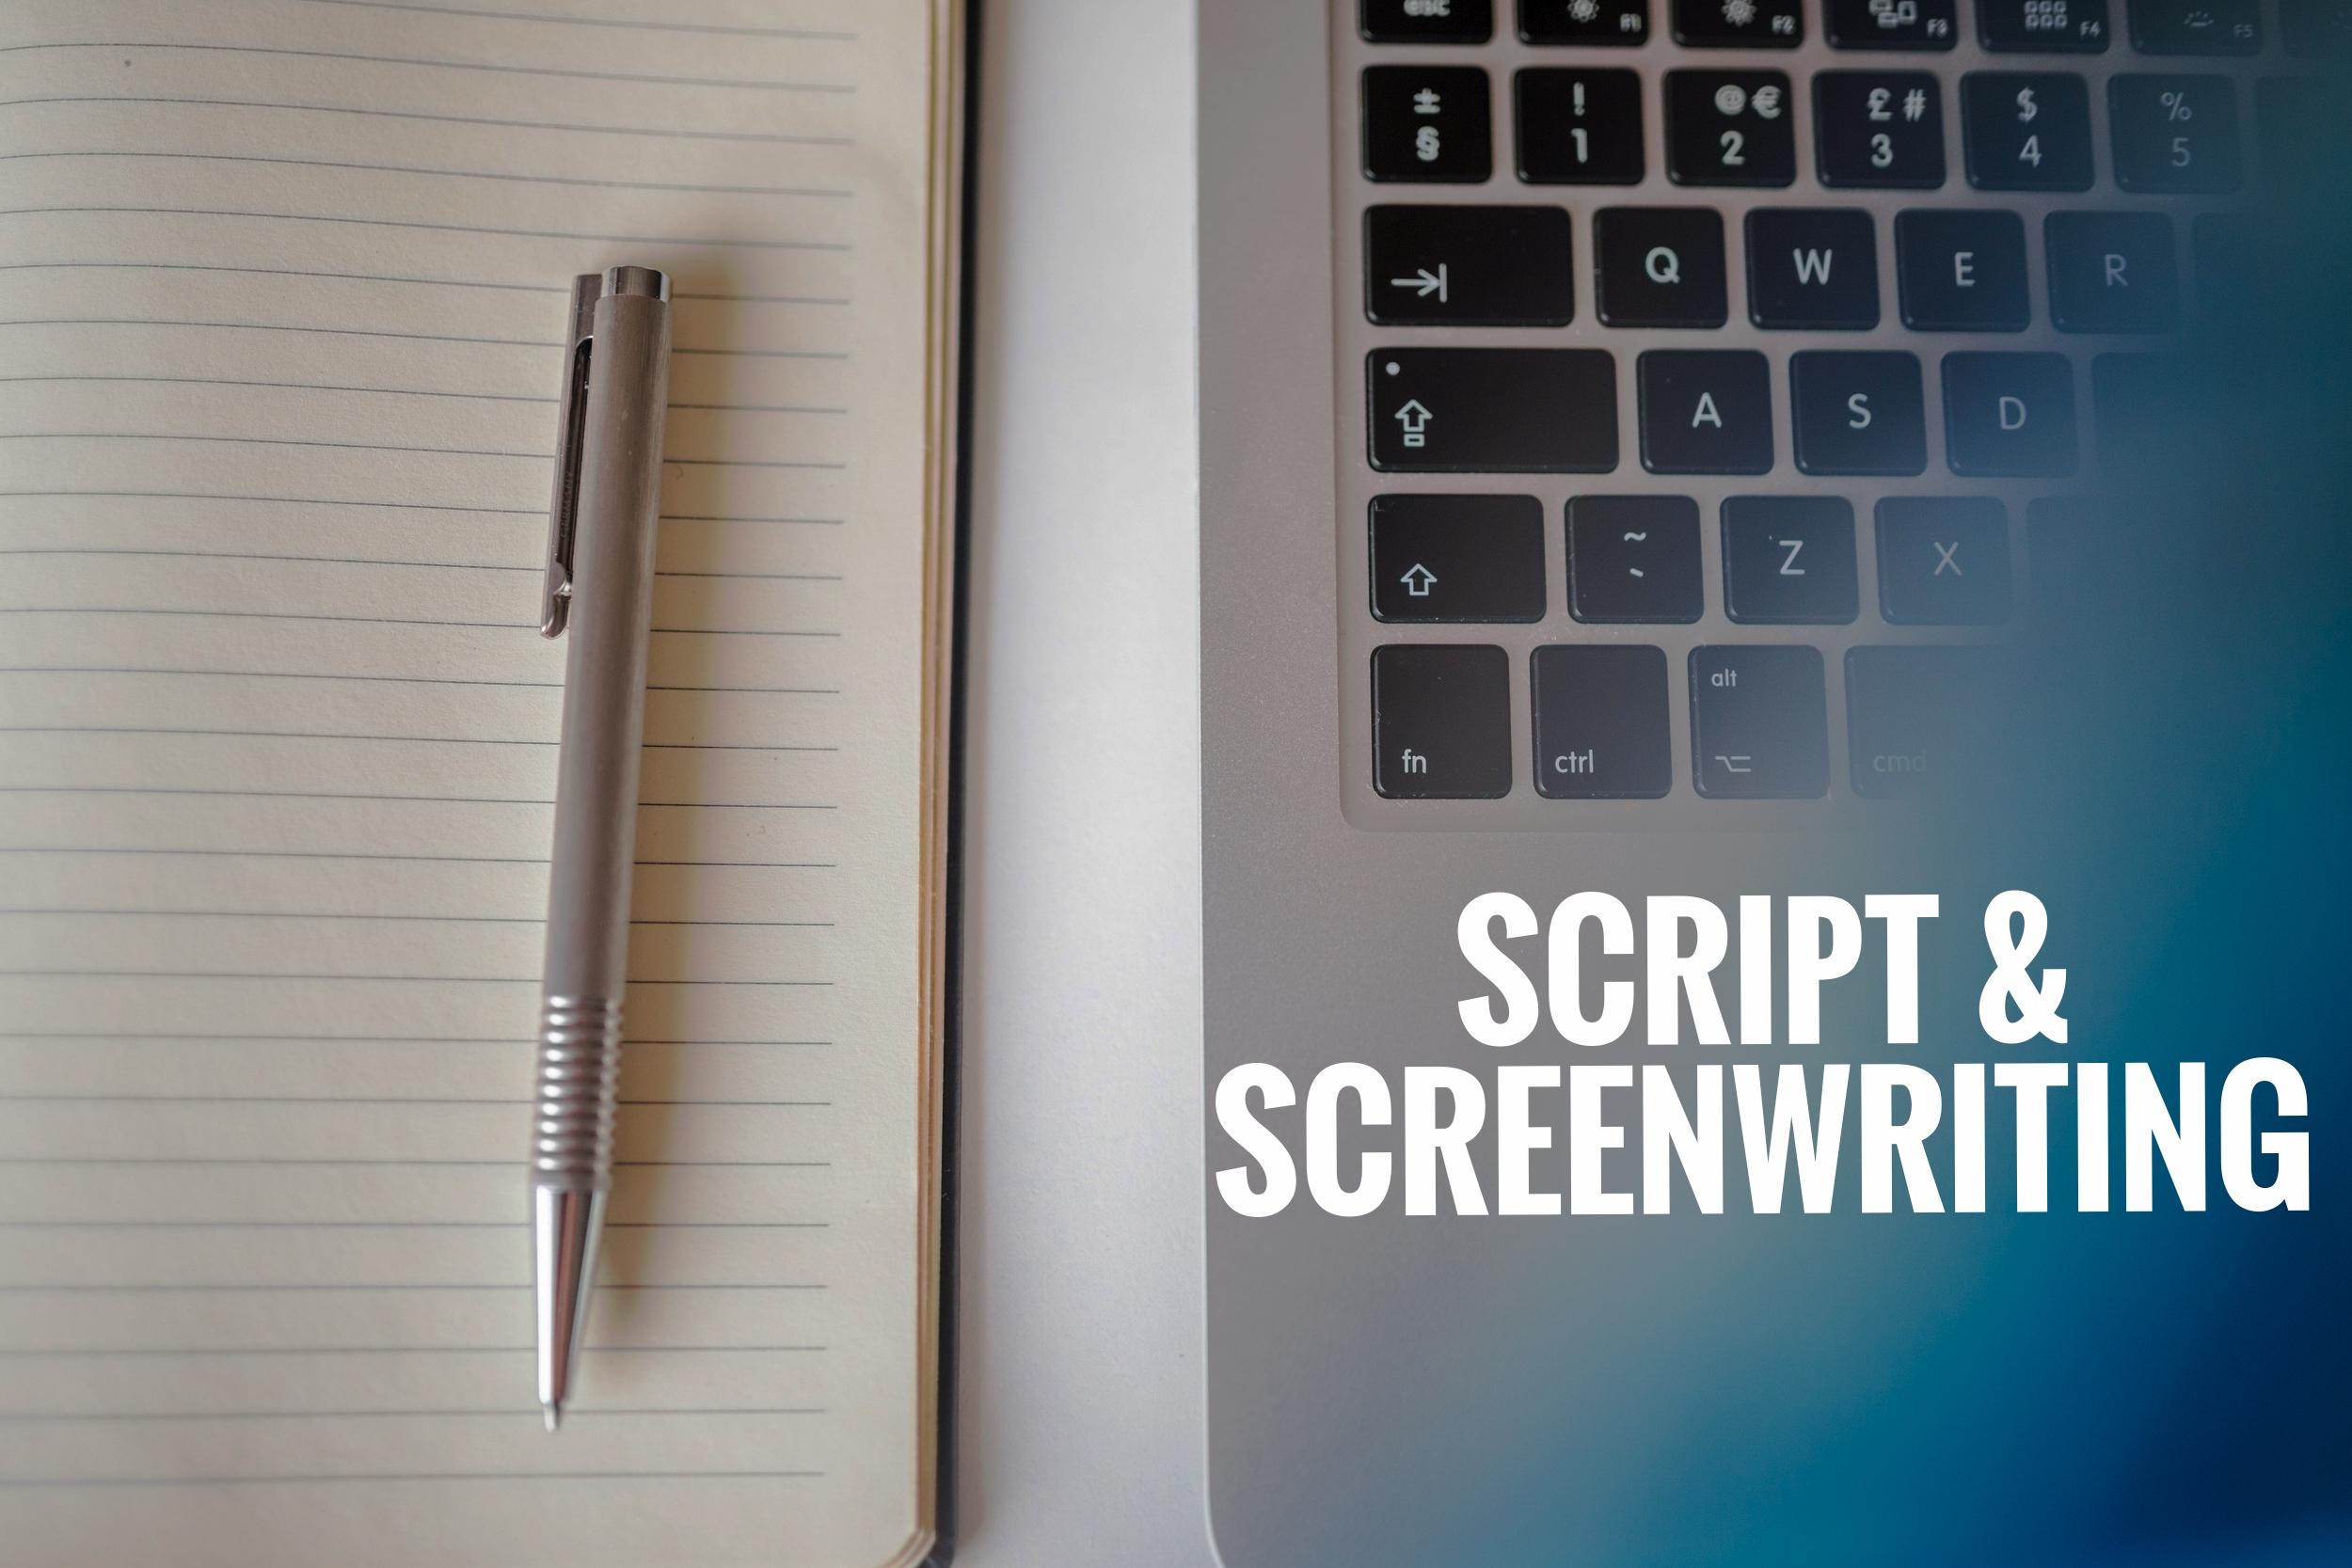 SCRIPT/SCREENWRITING